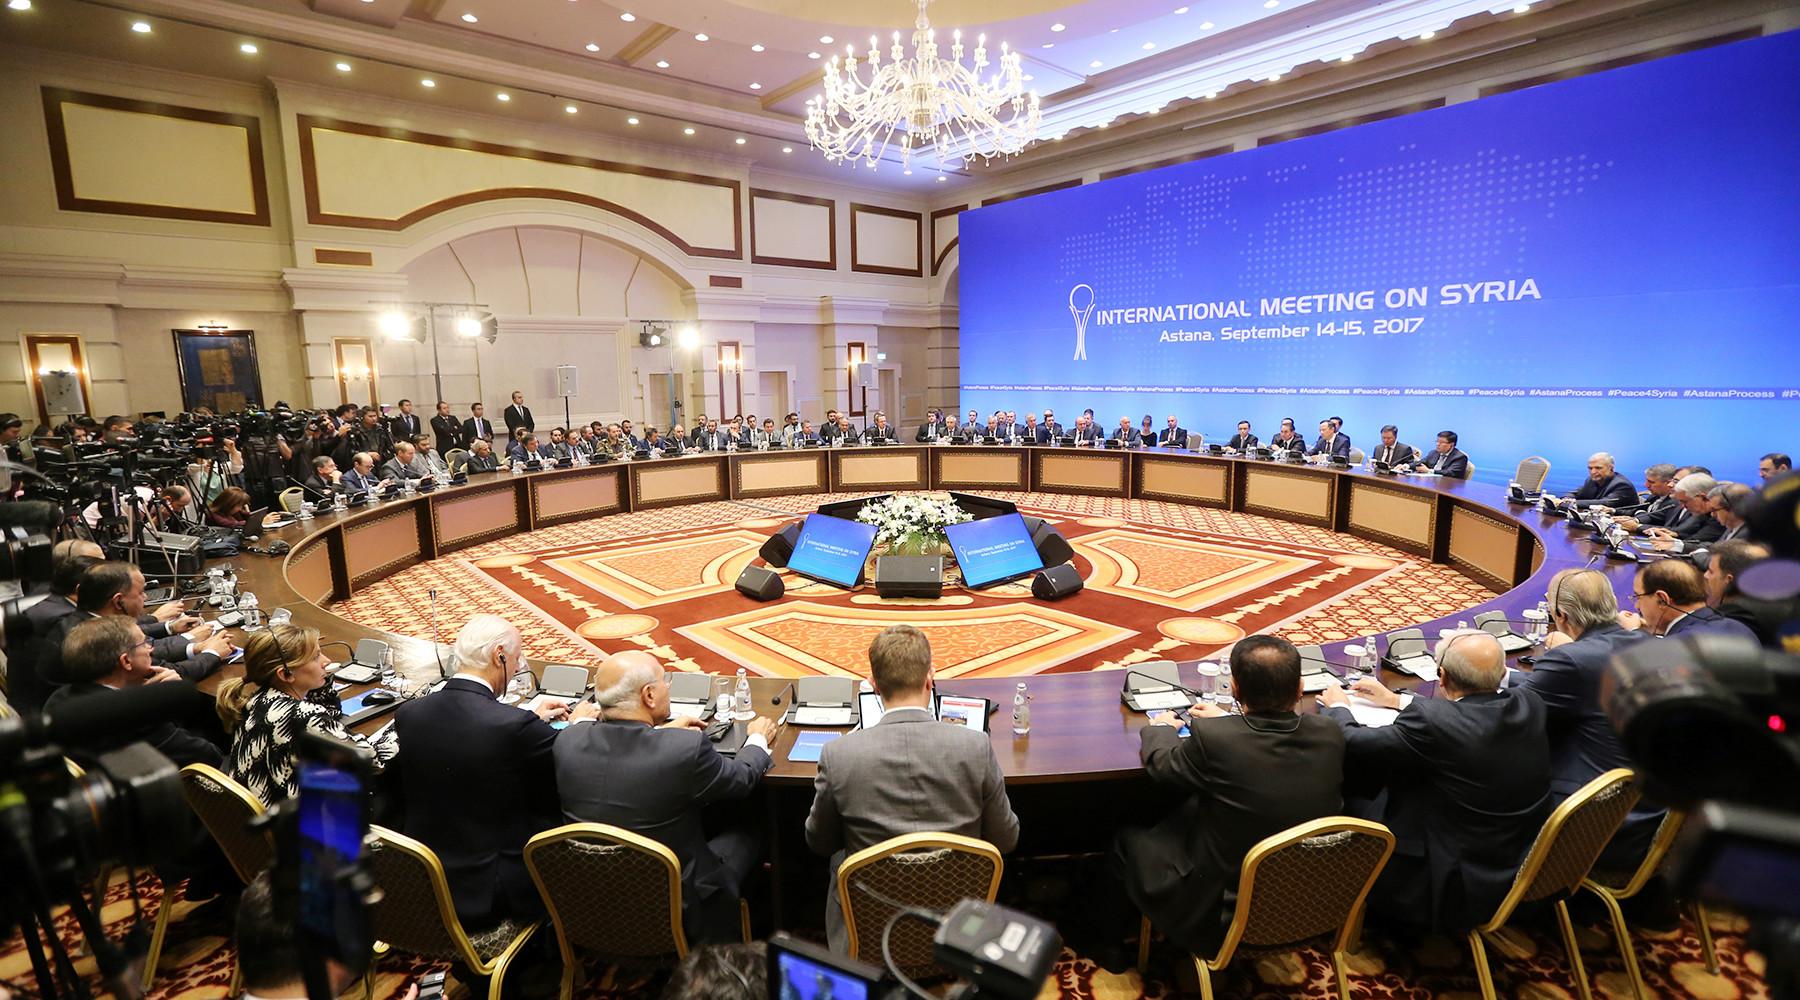 Участники встречи в Астане подписали договор о создании зон деэскалации в Сирии